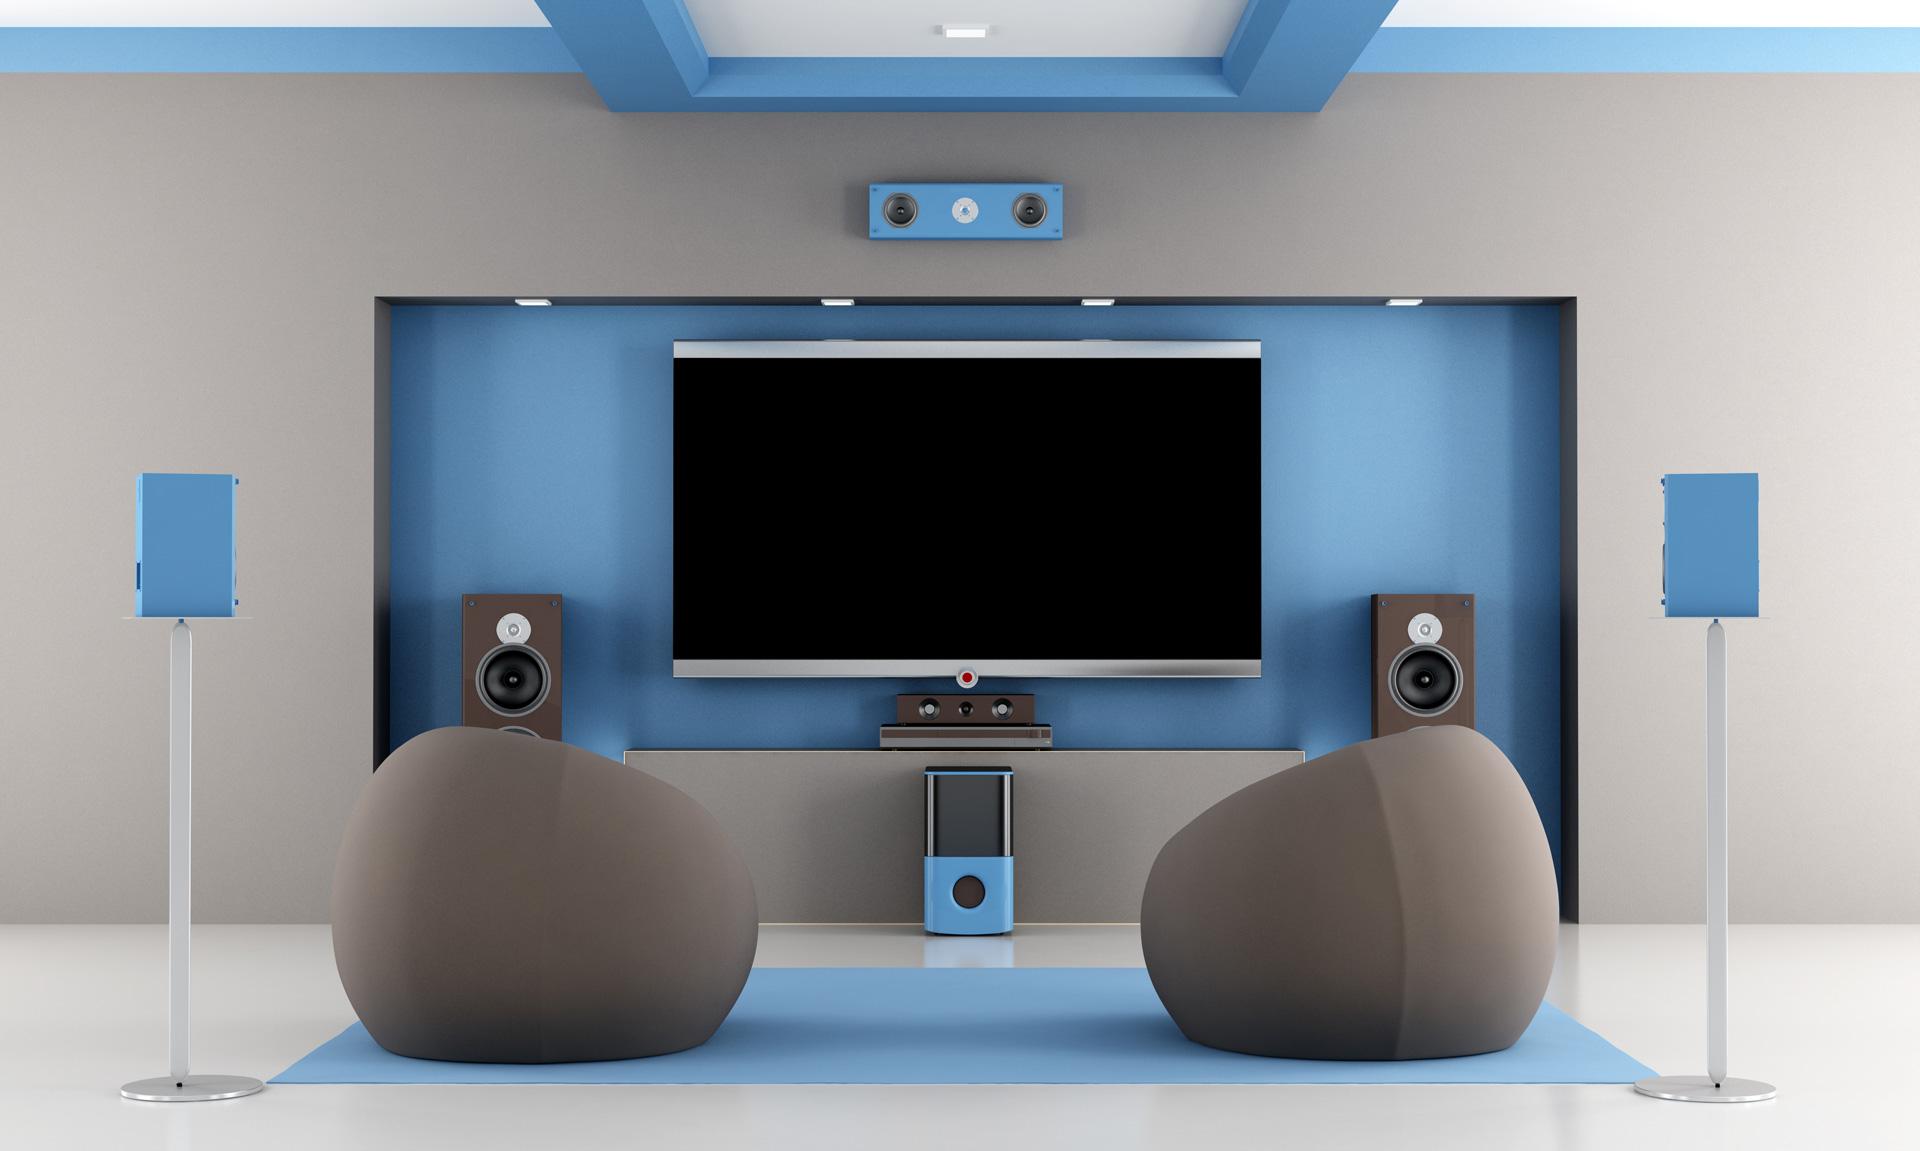 montaz i instalacja kina domowego